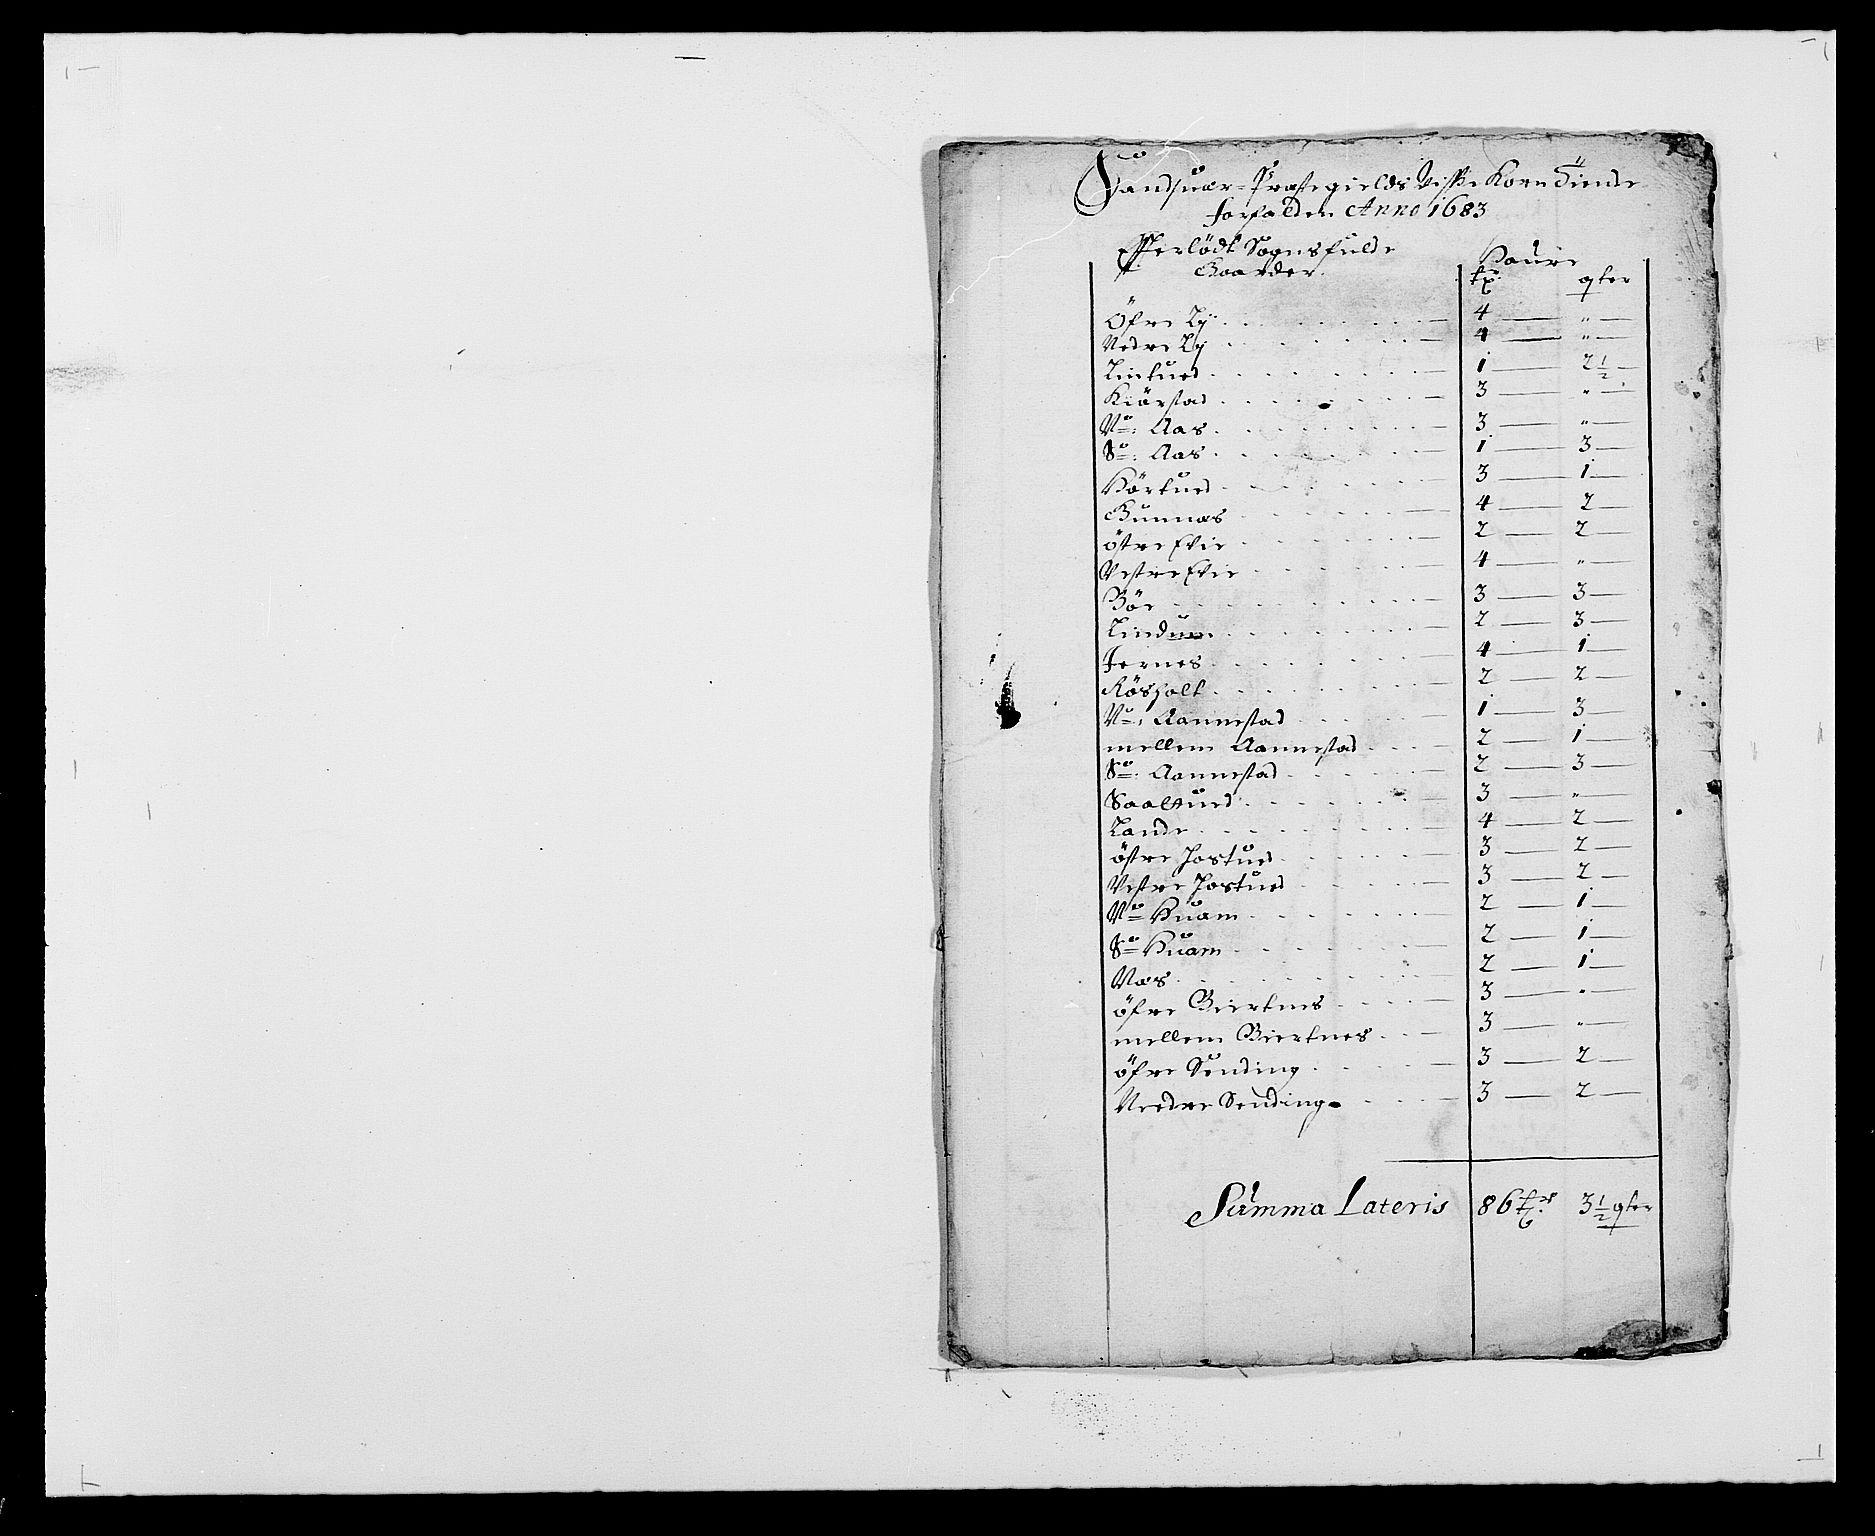 RA, Rentekammeret inntil 1814, Reviderte regnskaper, Fogderegnskap, R24/L1570: Fogderegnskap Numedal og Sandsvær, 1679-1686, s. 362